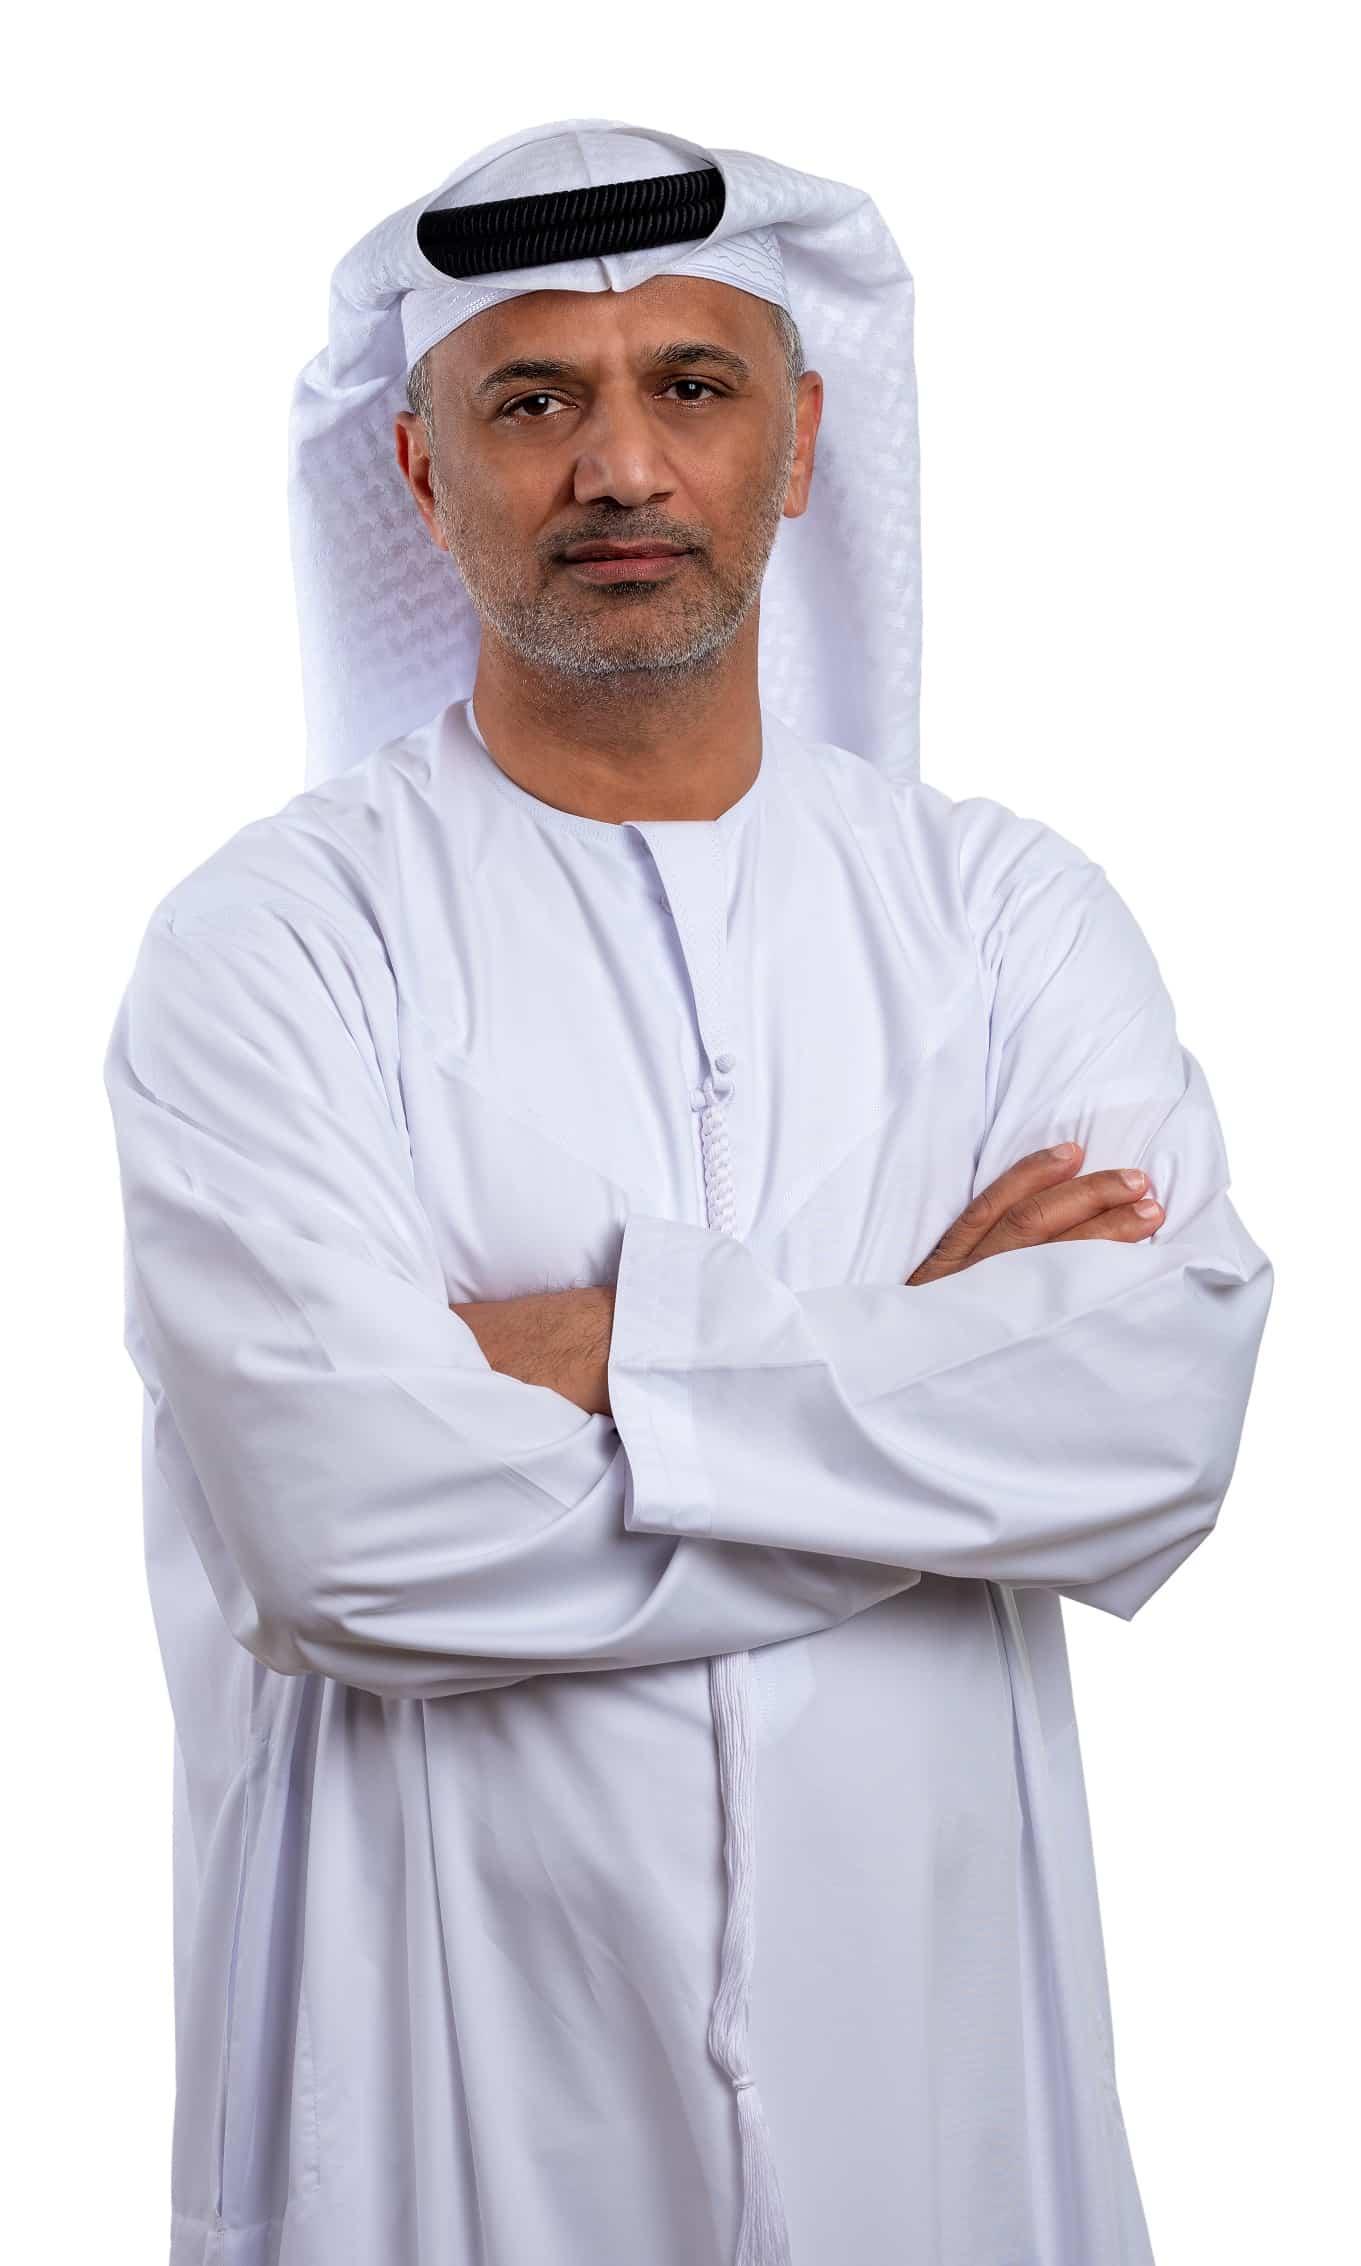 Dr. Salem Al Harthi